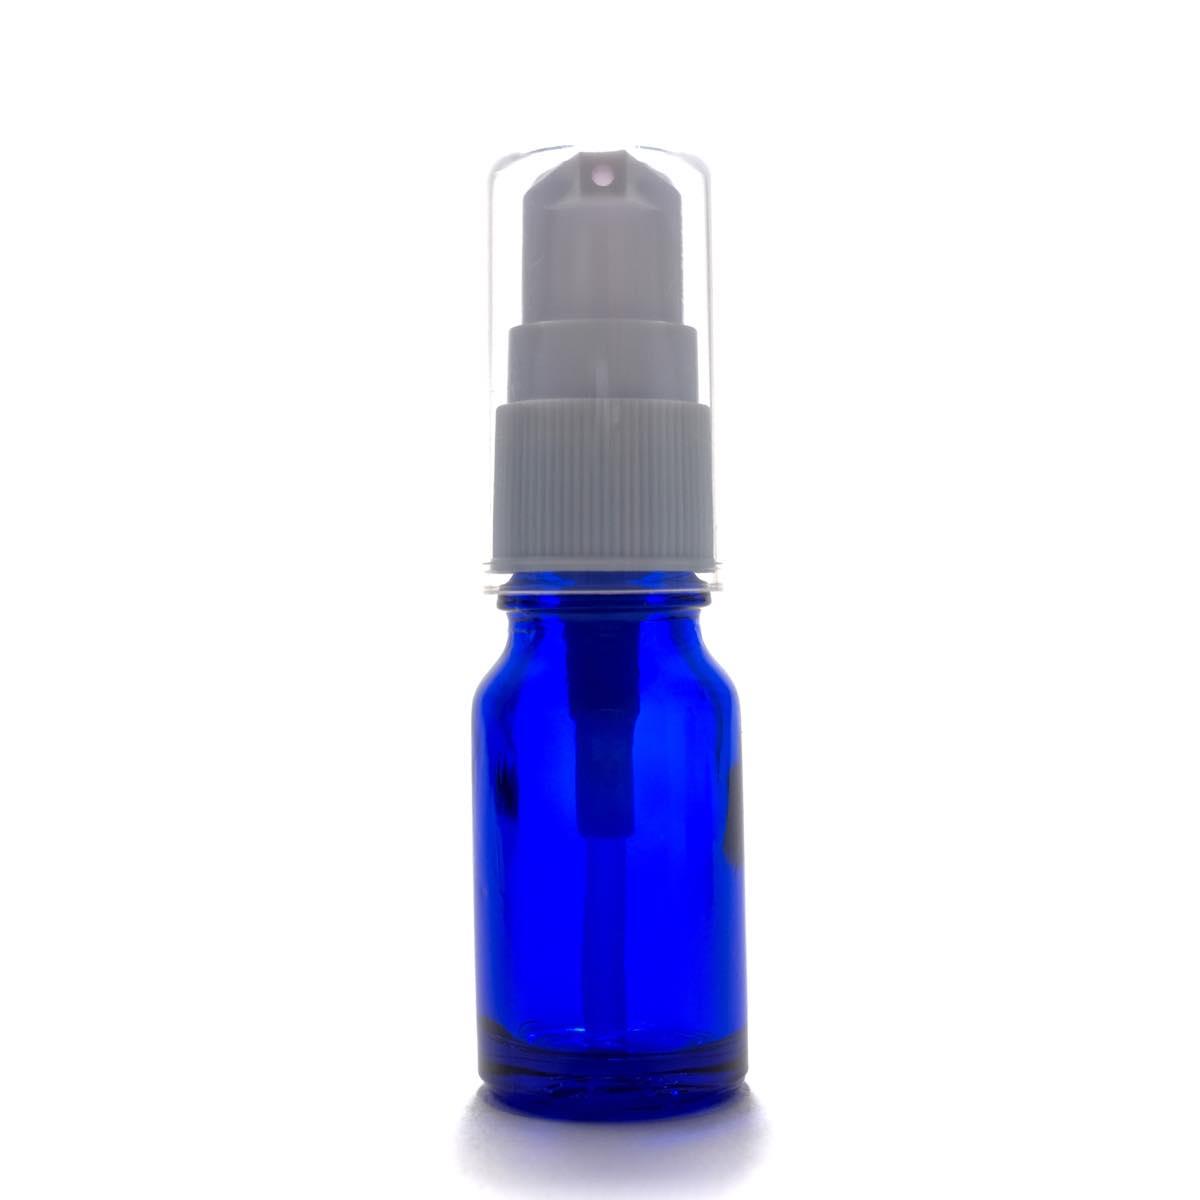 便利なポンプヘッド 開店祝い アロマ遮光瓶 10mL ポンプ:ホワイト 新色追加して再販 コバルト